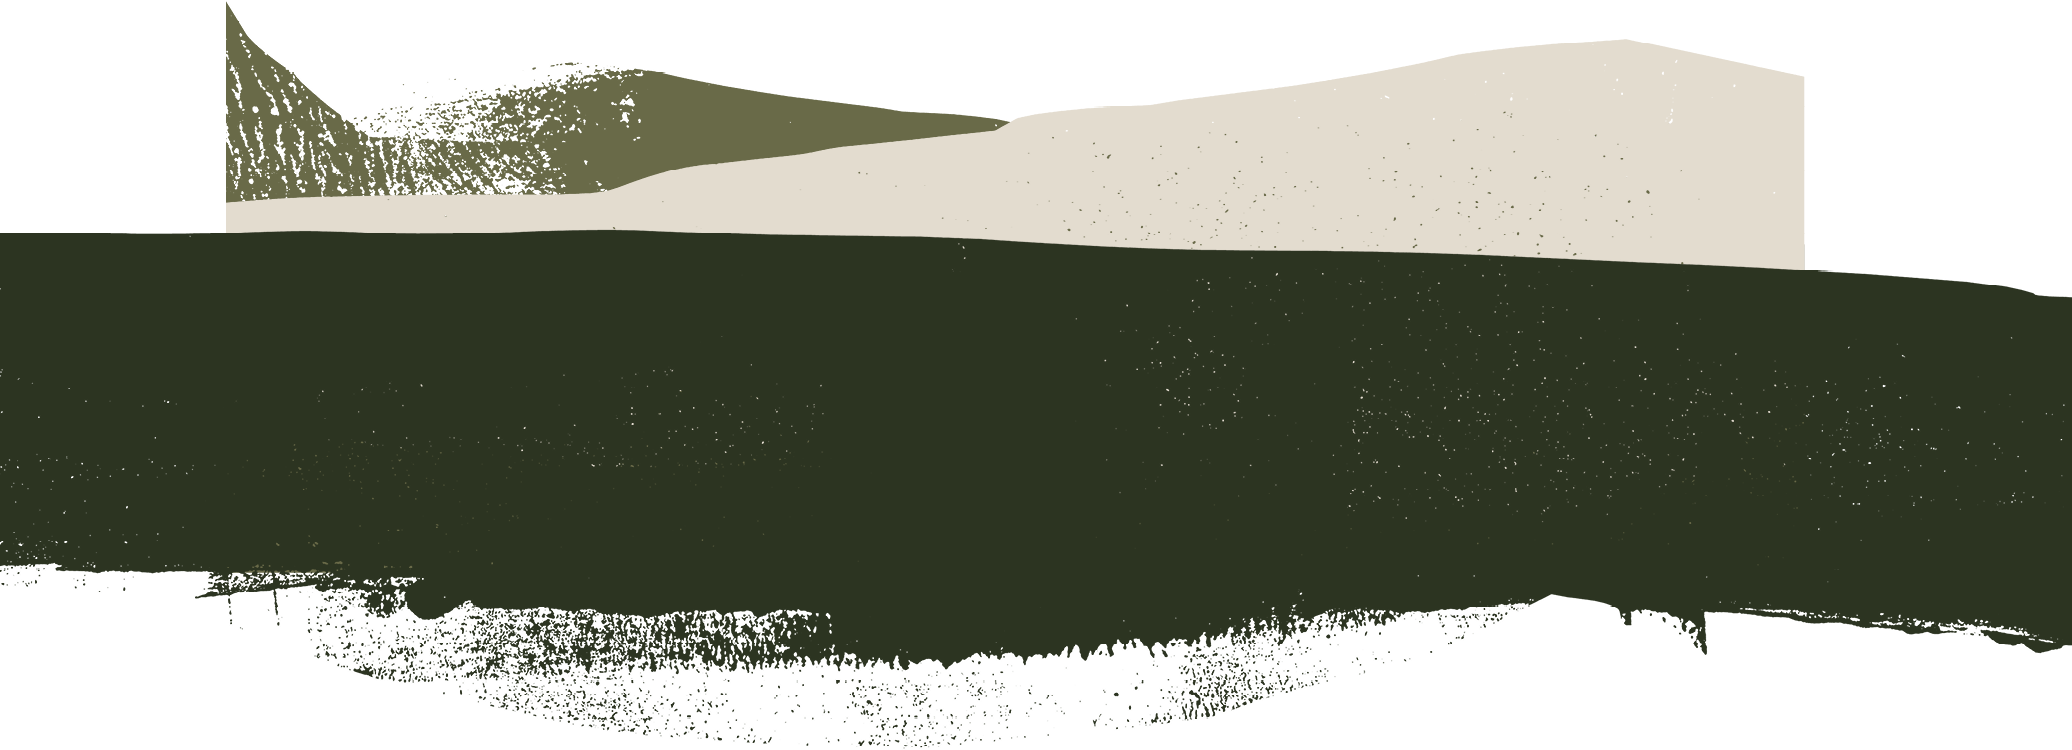 Folio - Landing Page Landscape.png